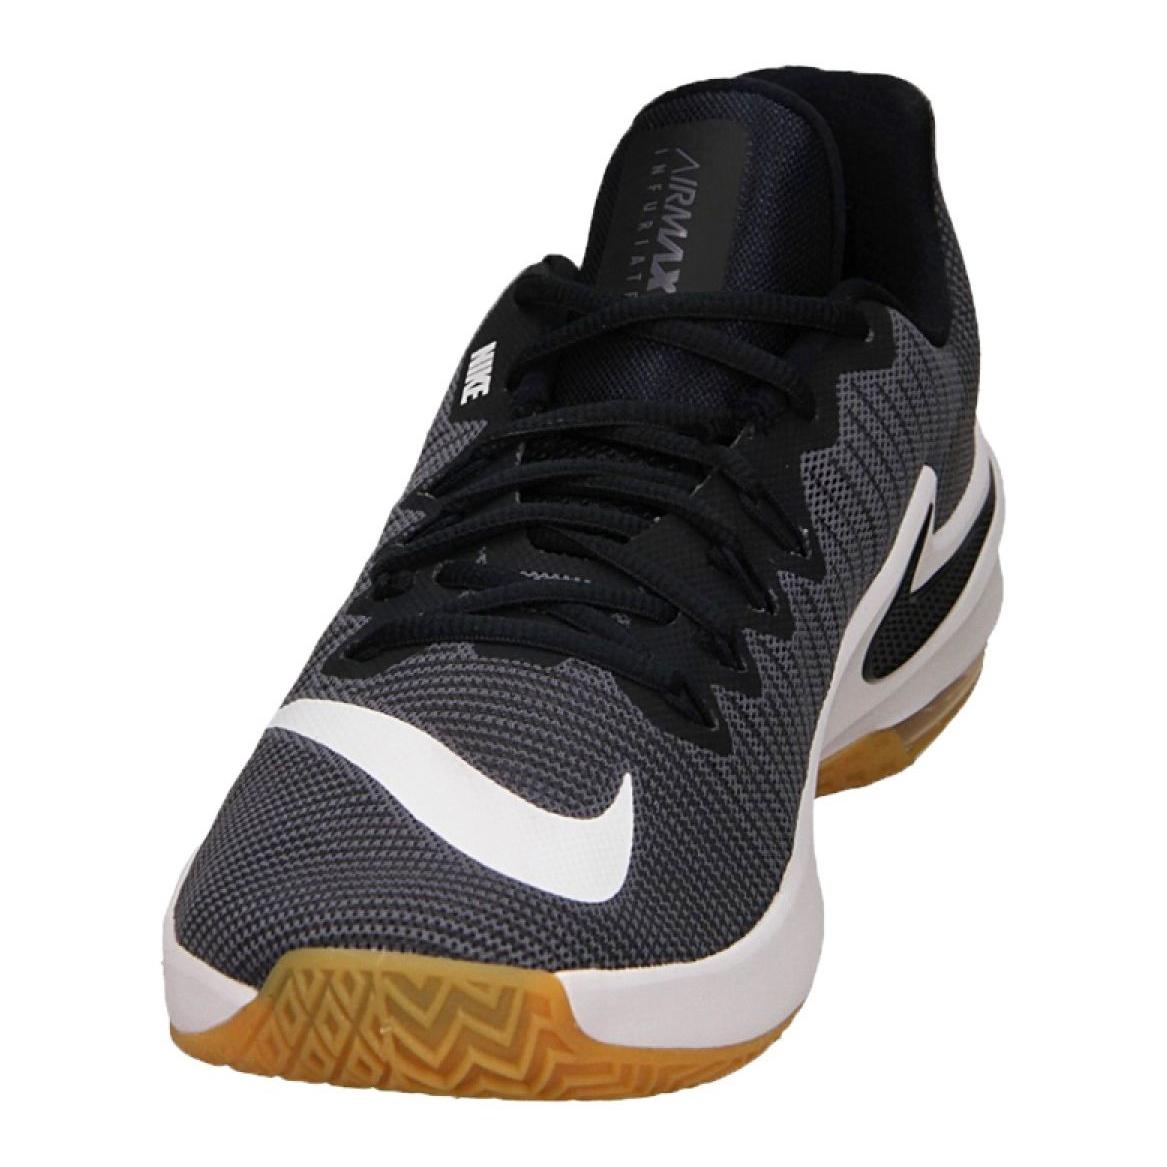 Nike Air Max Infantil: Air Max 90, Infuriate, GS e mais